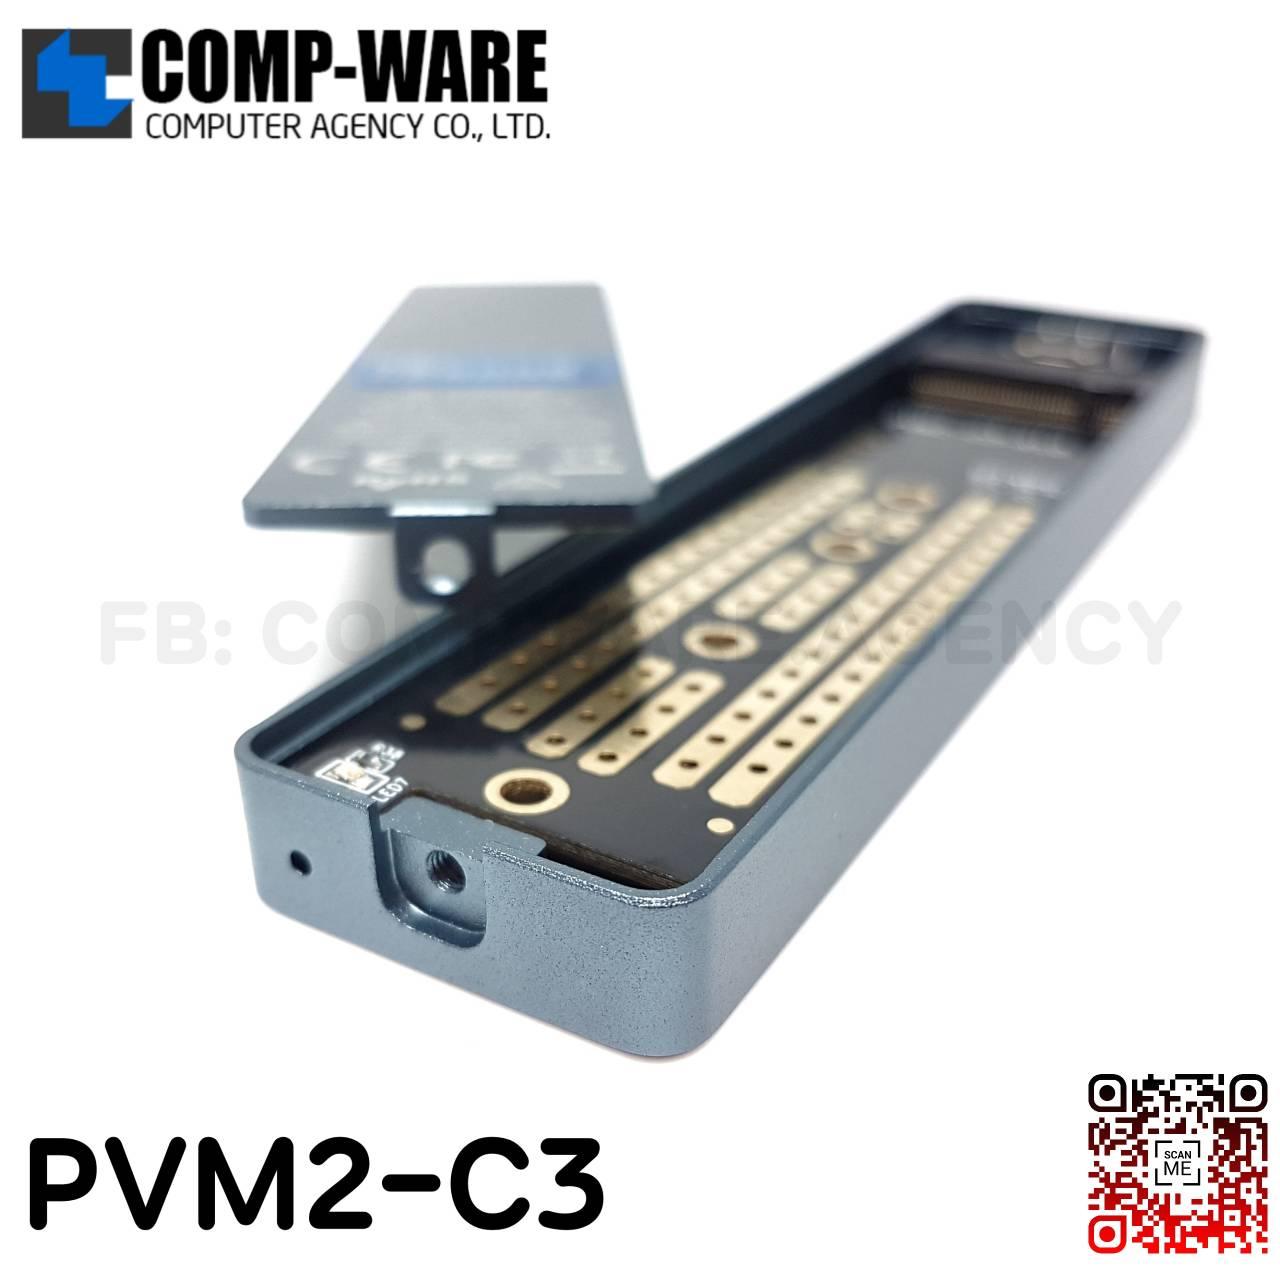 ตัวแปลง Orico PVM2-C3 Mini Clip-open M 2 SSD PCIe NVMe to USB3 1 Gen2  10Gbps Aluminum Enclosure สีเทา